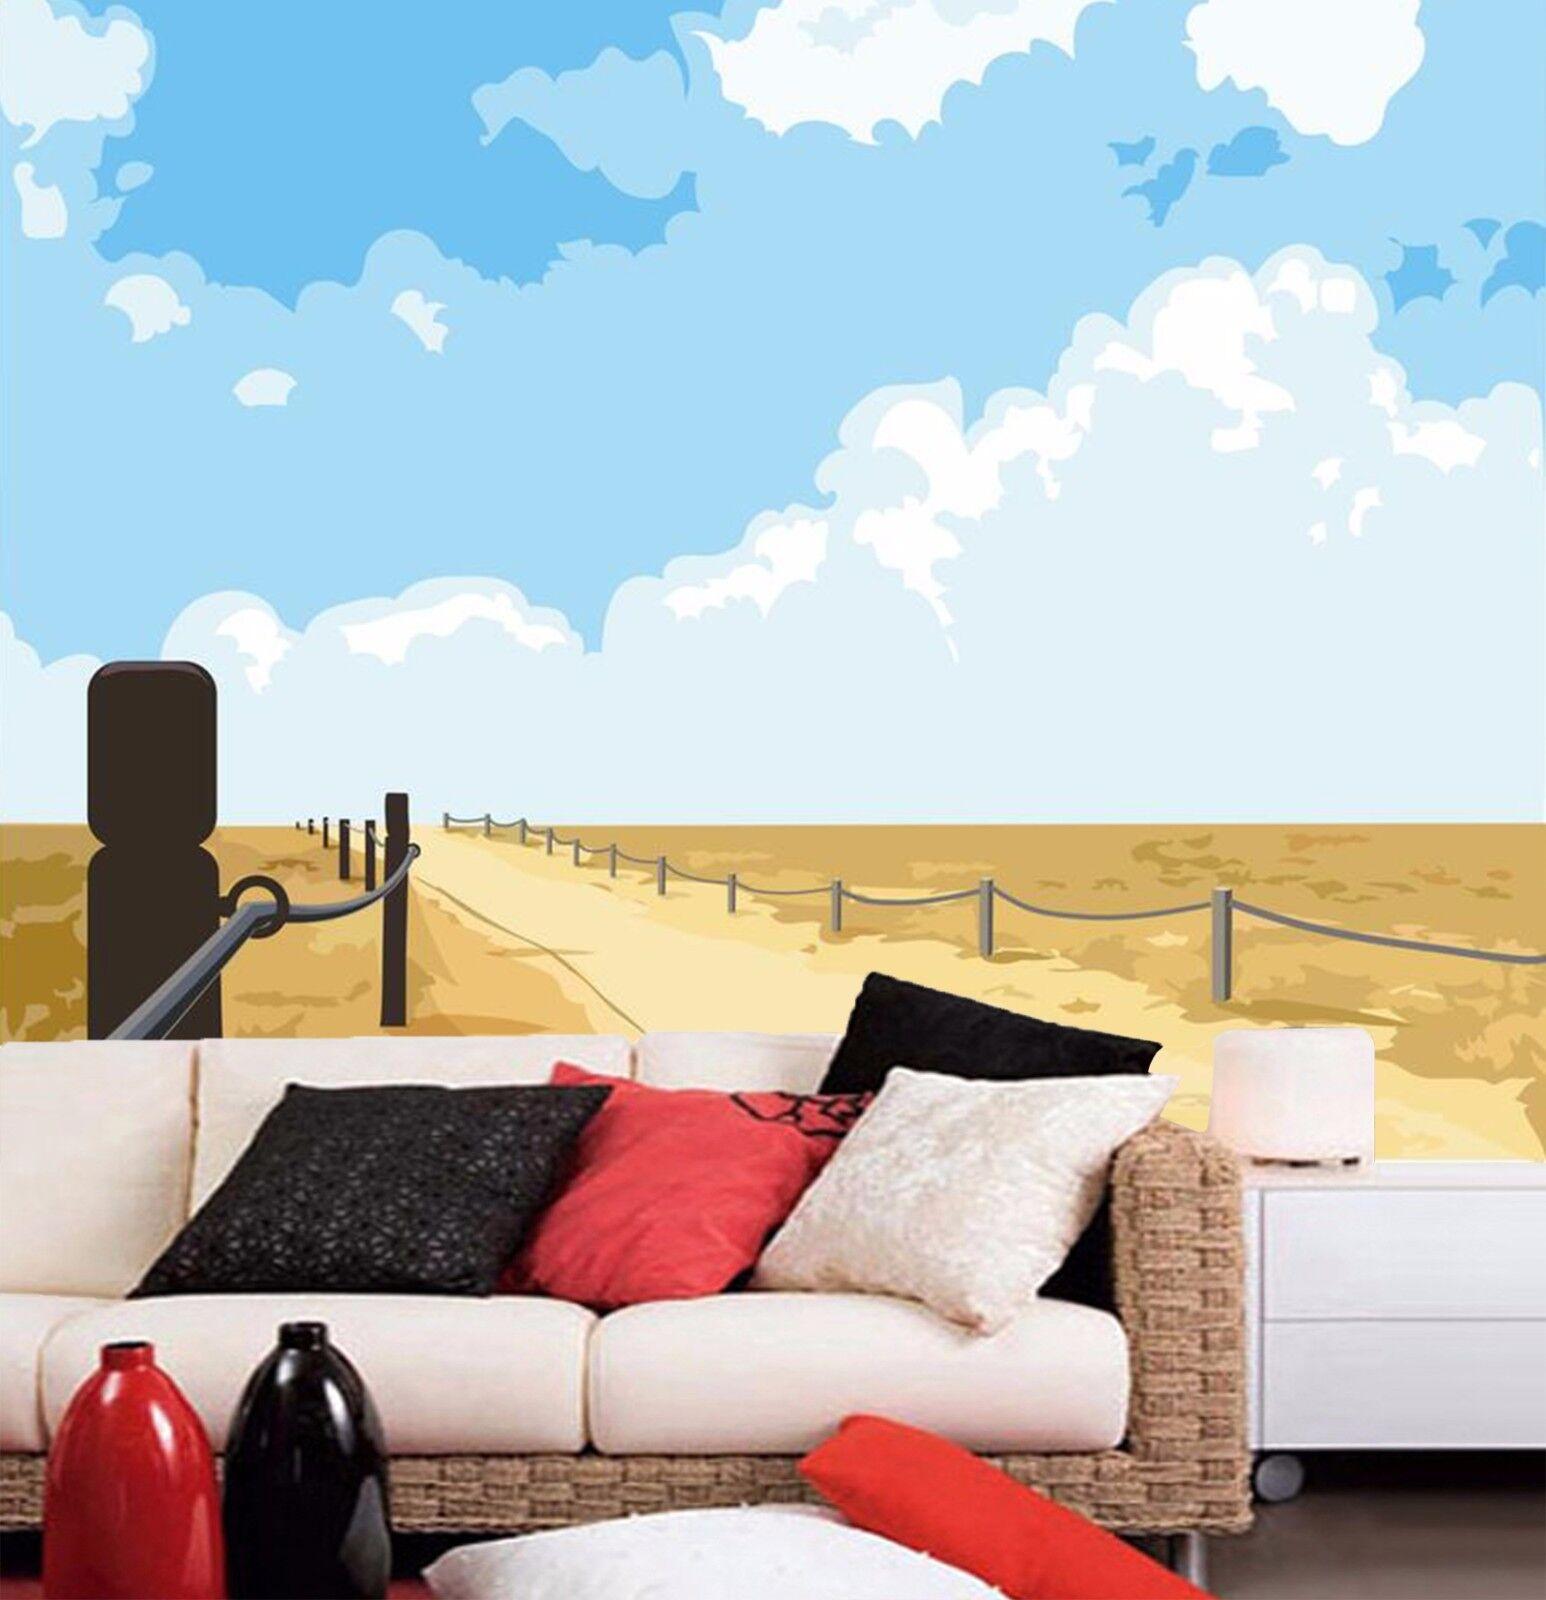 3D Himmel Wiese Gehweg 793 Tapete Wandgemälde Tapeten Bild Familie DE Kyra